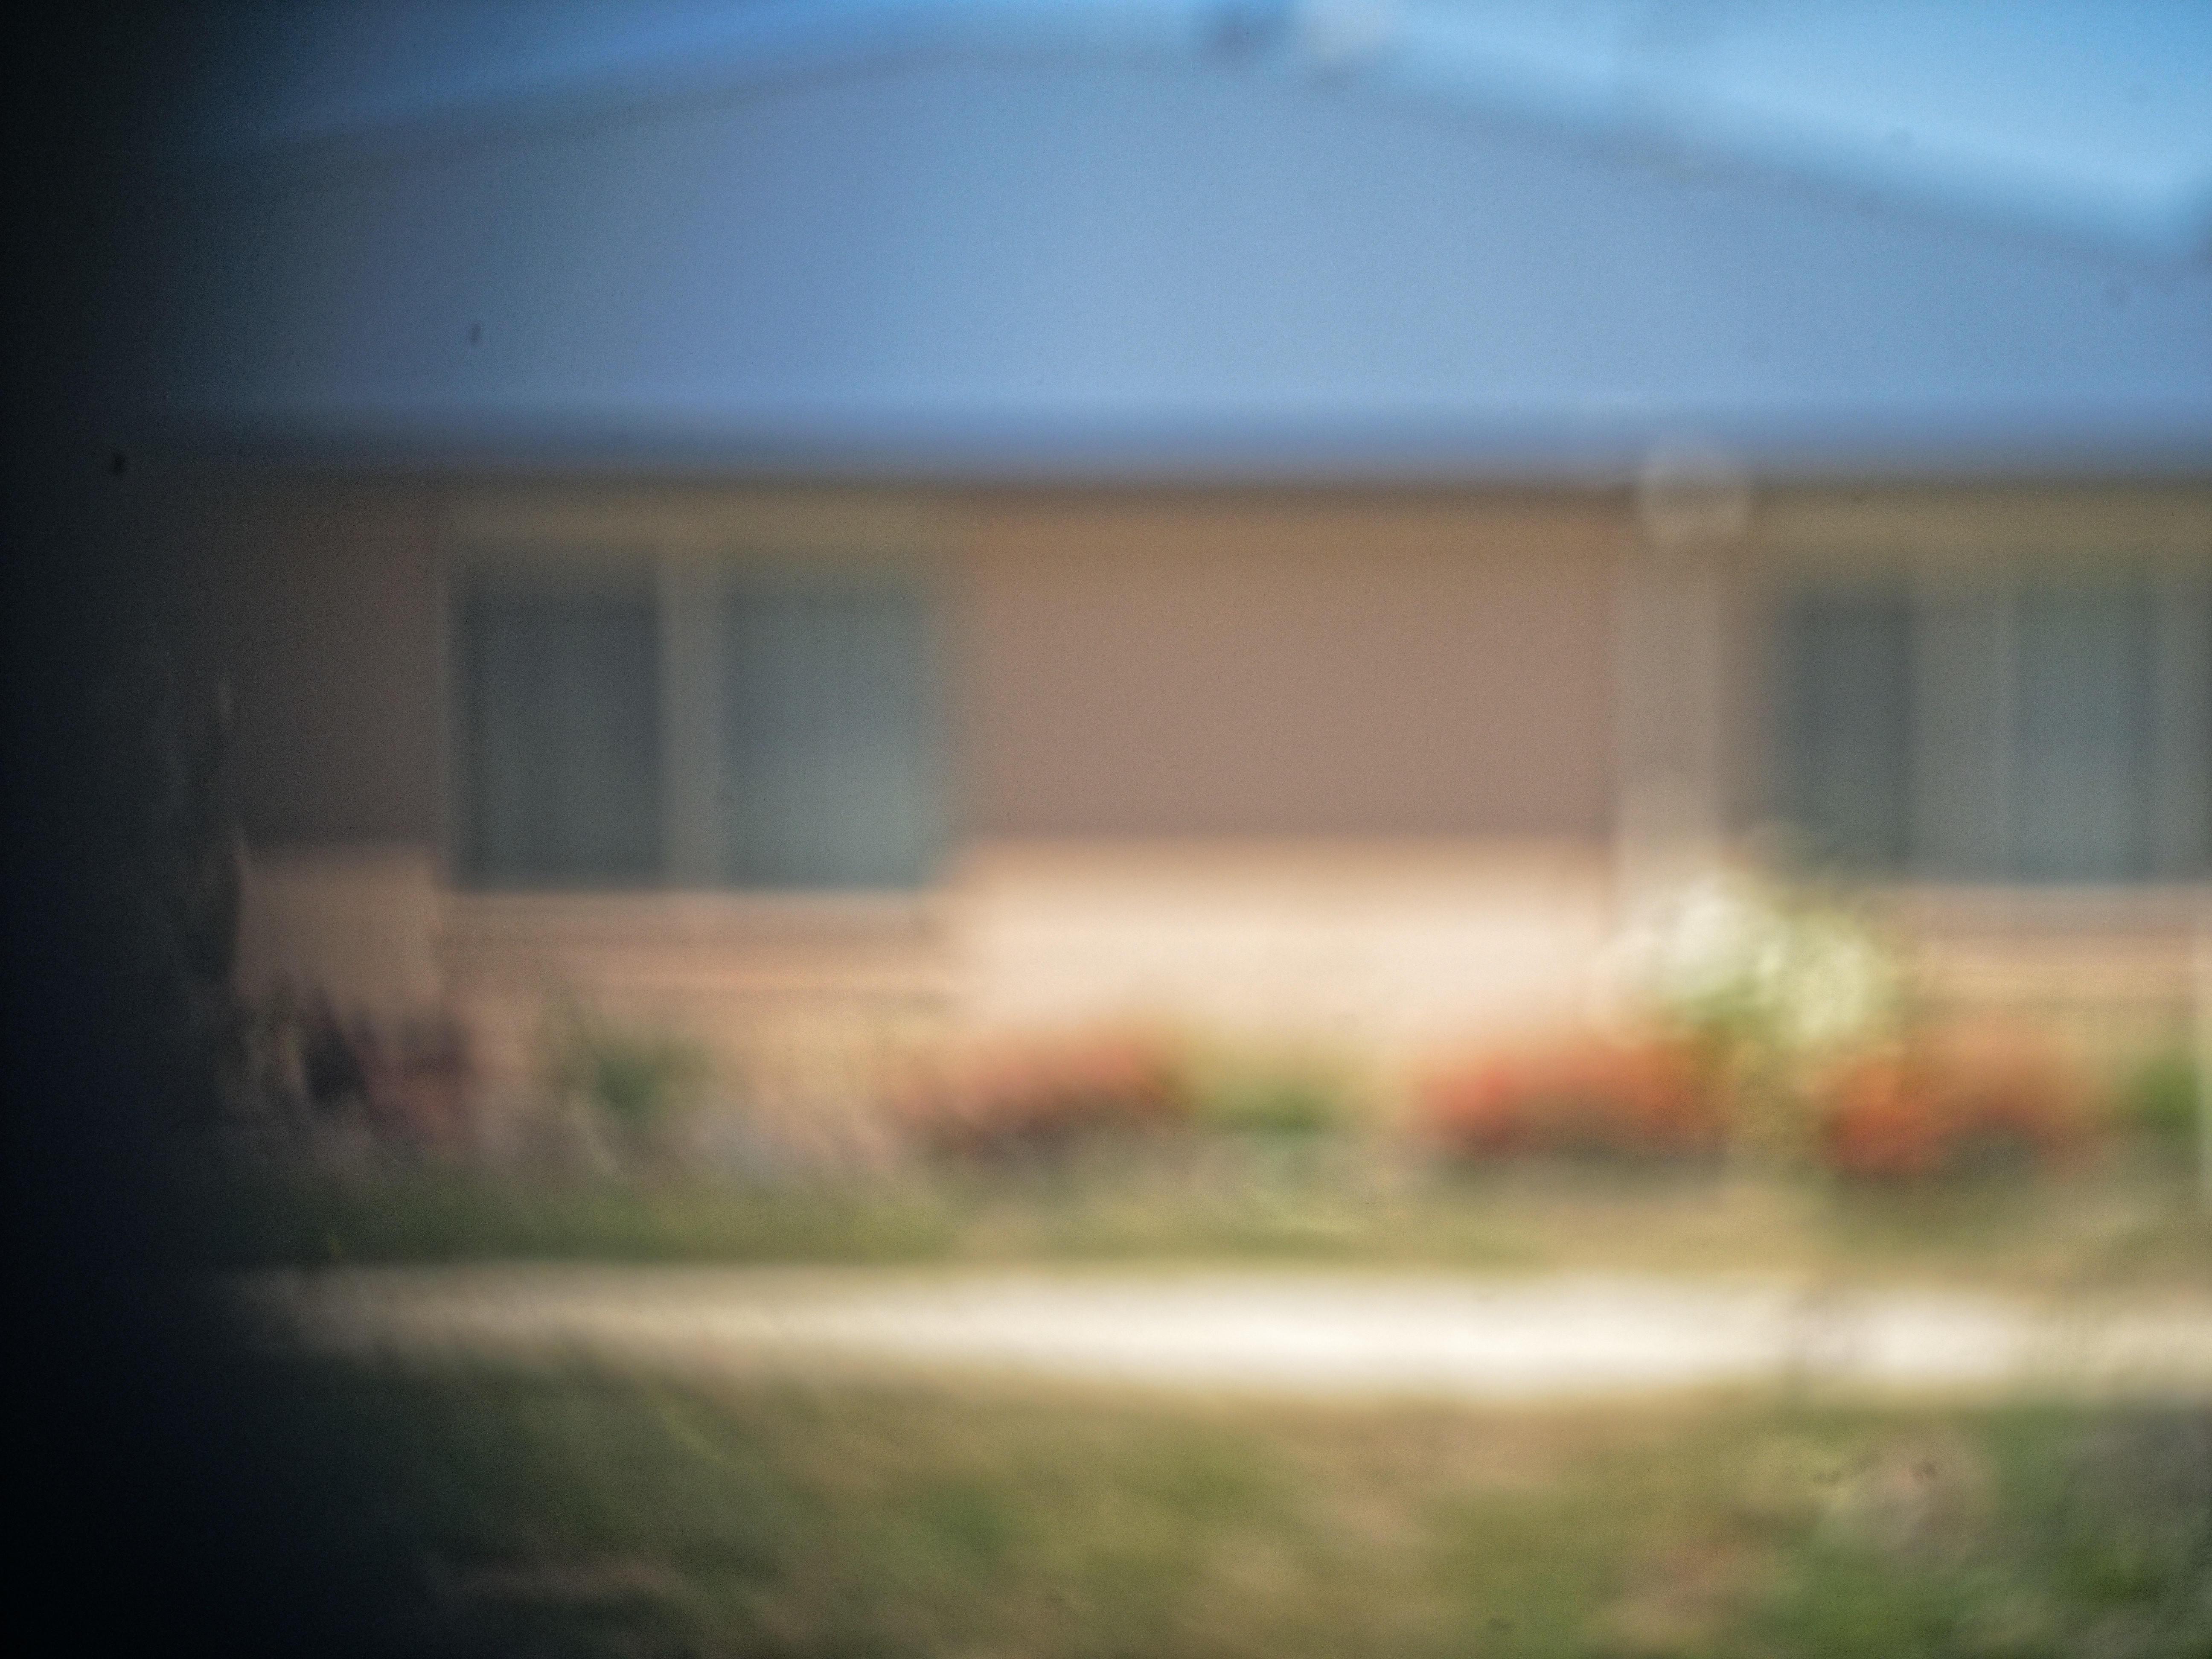 House-pinhole-f22.jpeg